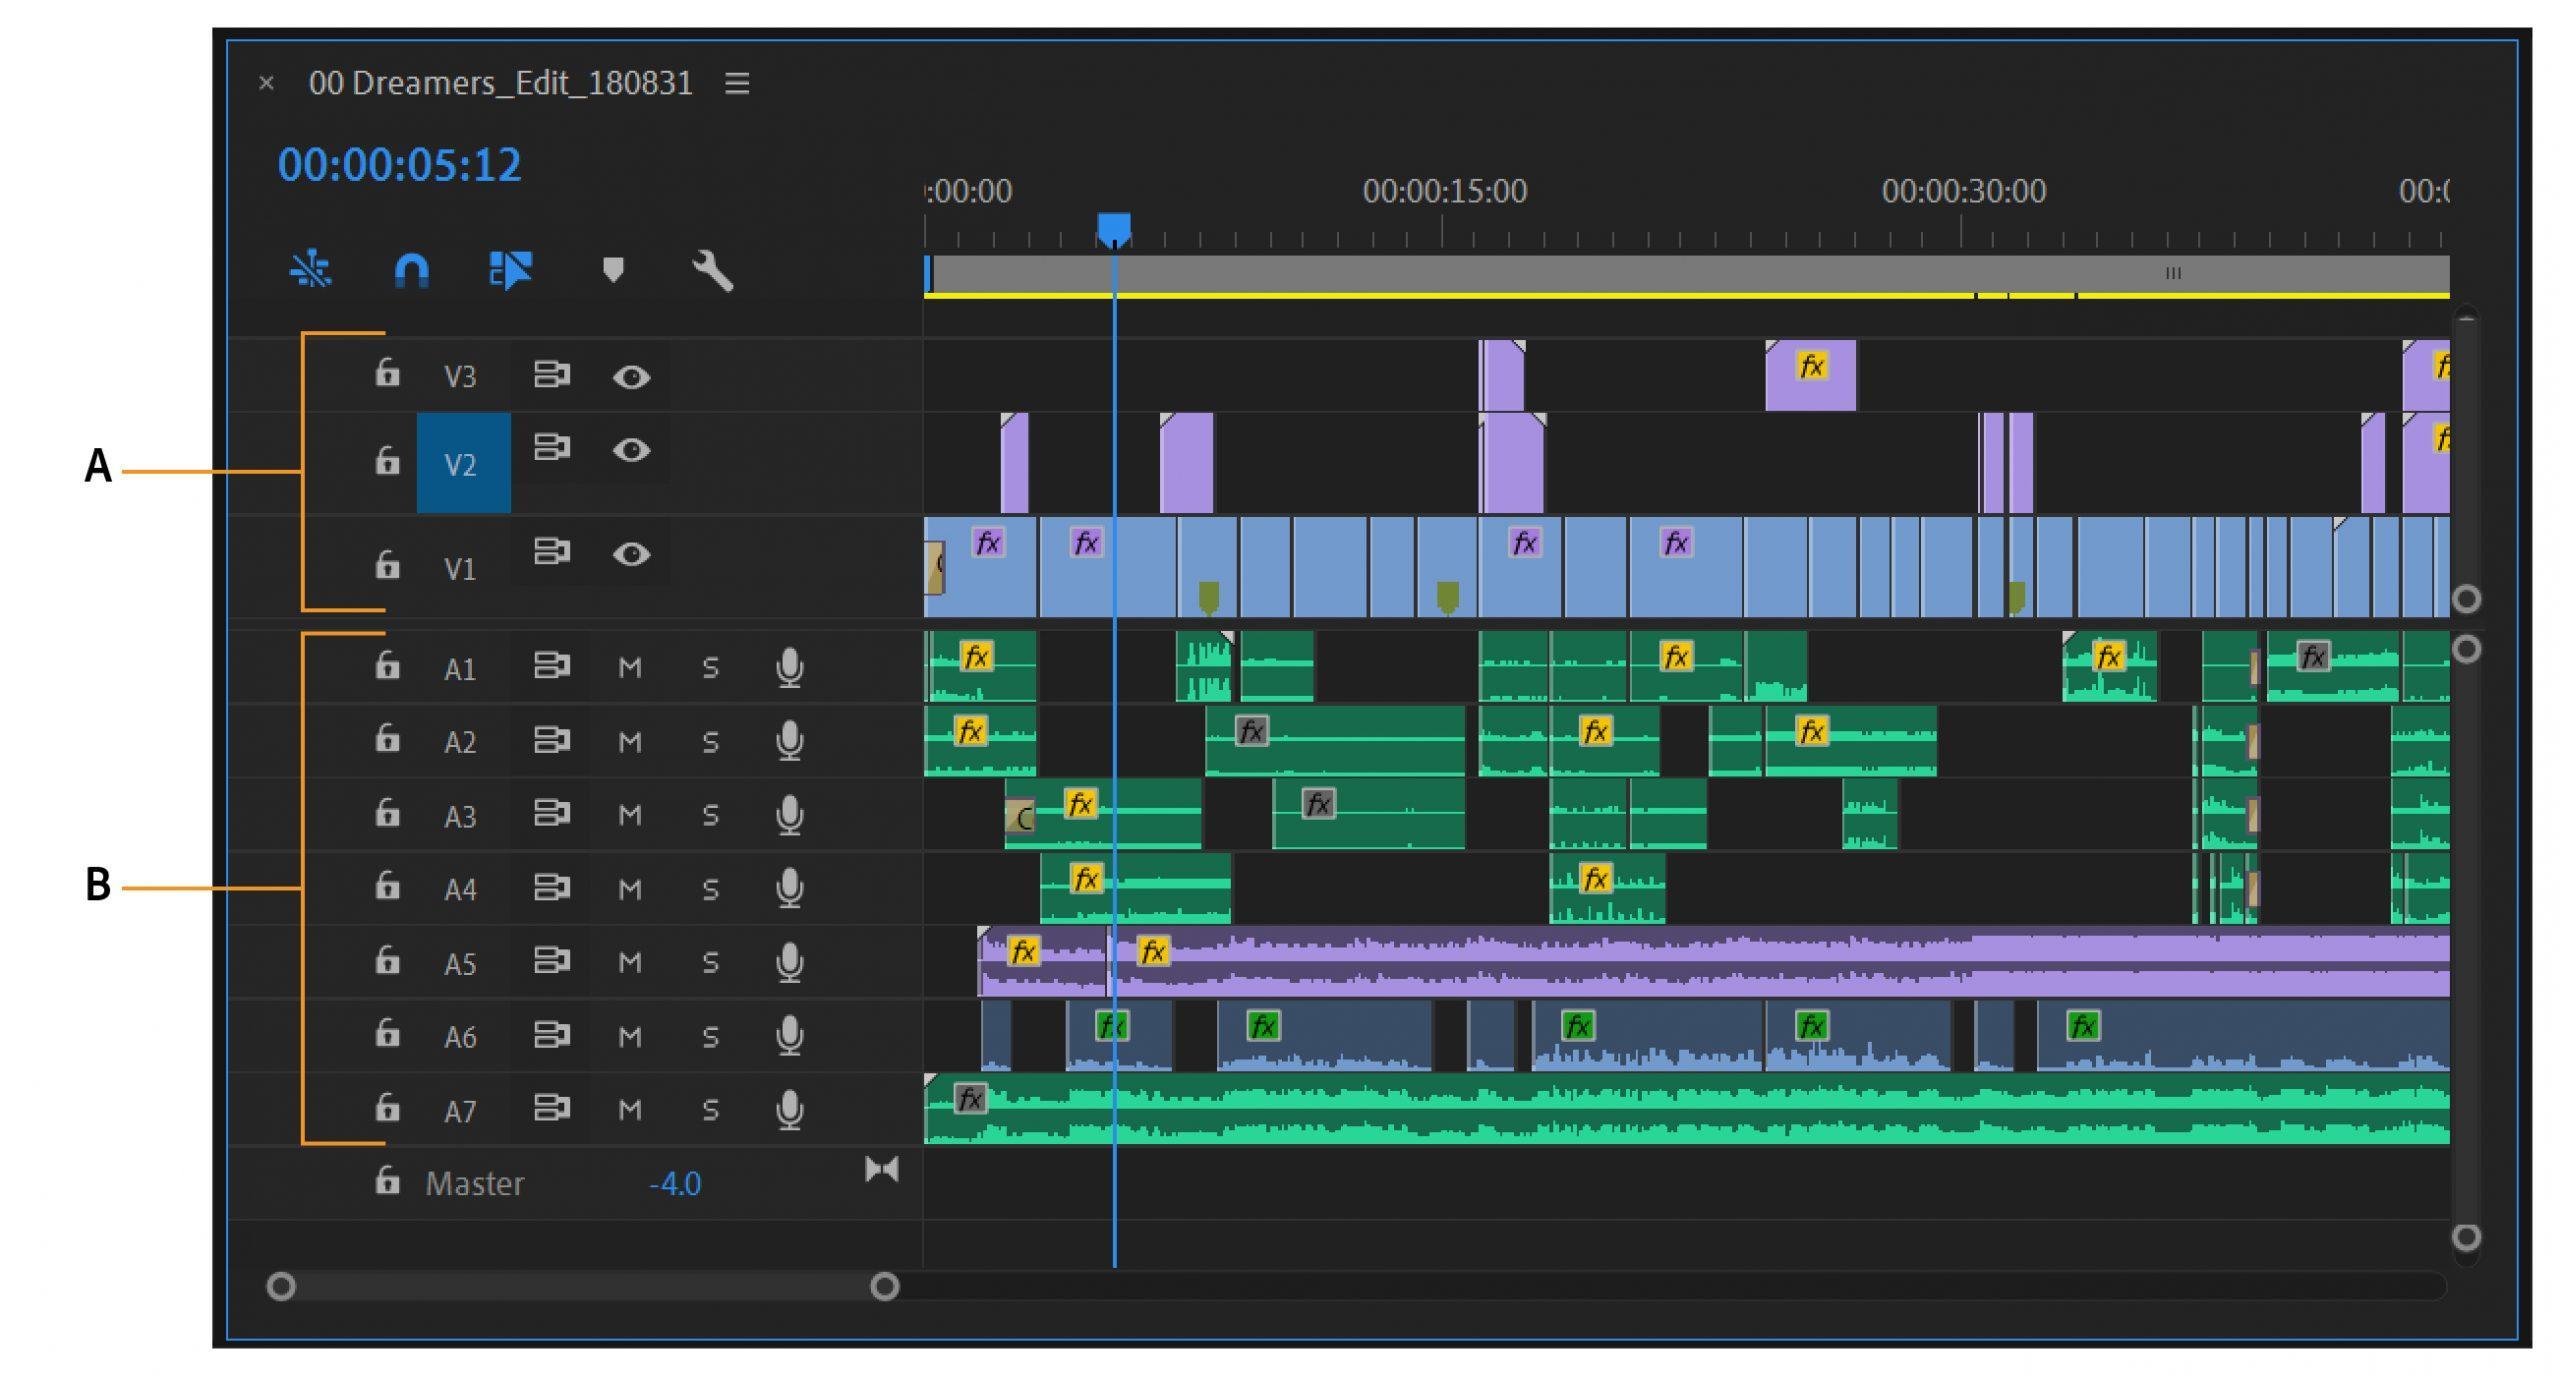 Adobe Premiere Pro Timeline Kanalları